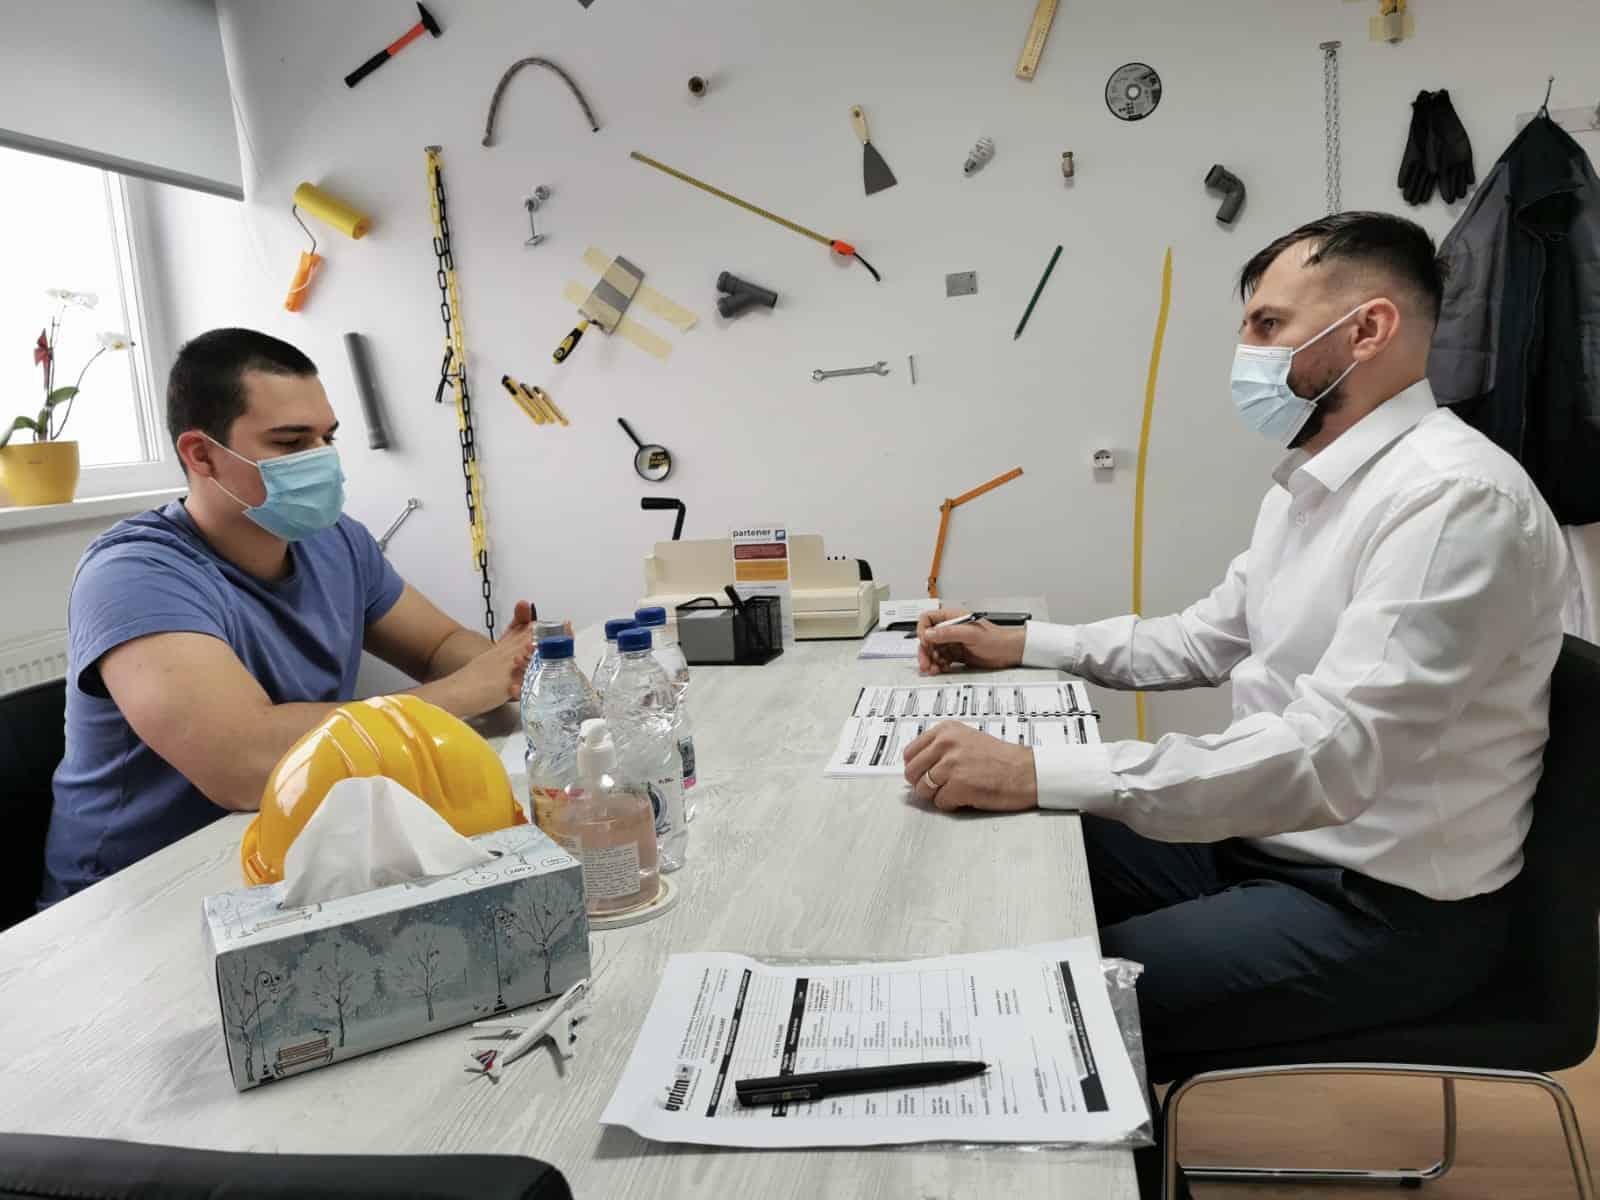 Interviu IONIȚĂ TEODOR ȘTEFAN, inginer aviație și evaluator de competențe profesionale